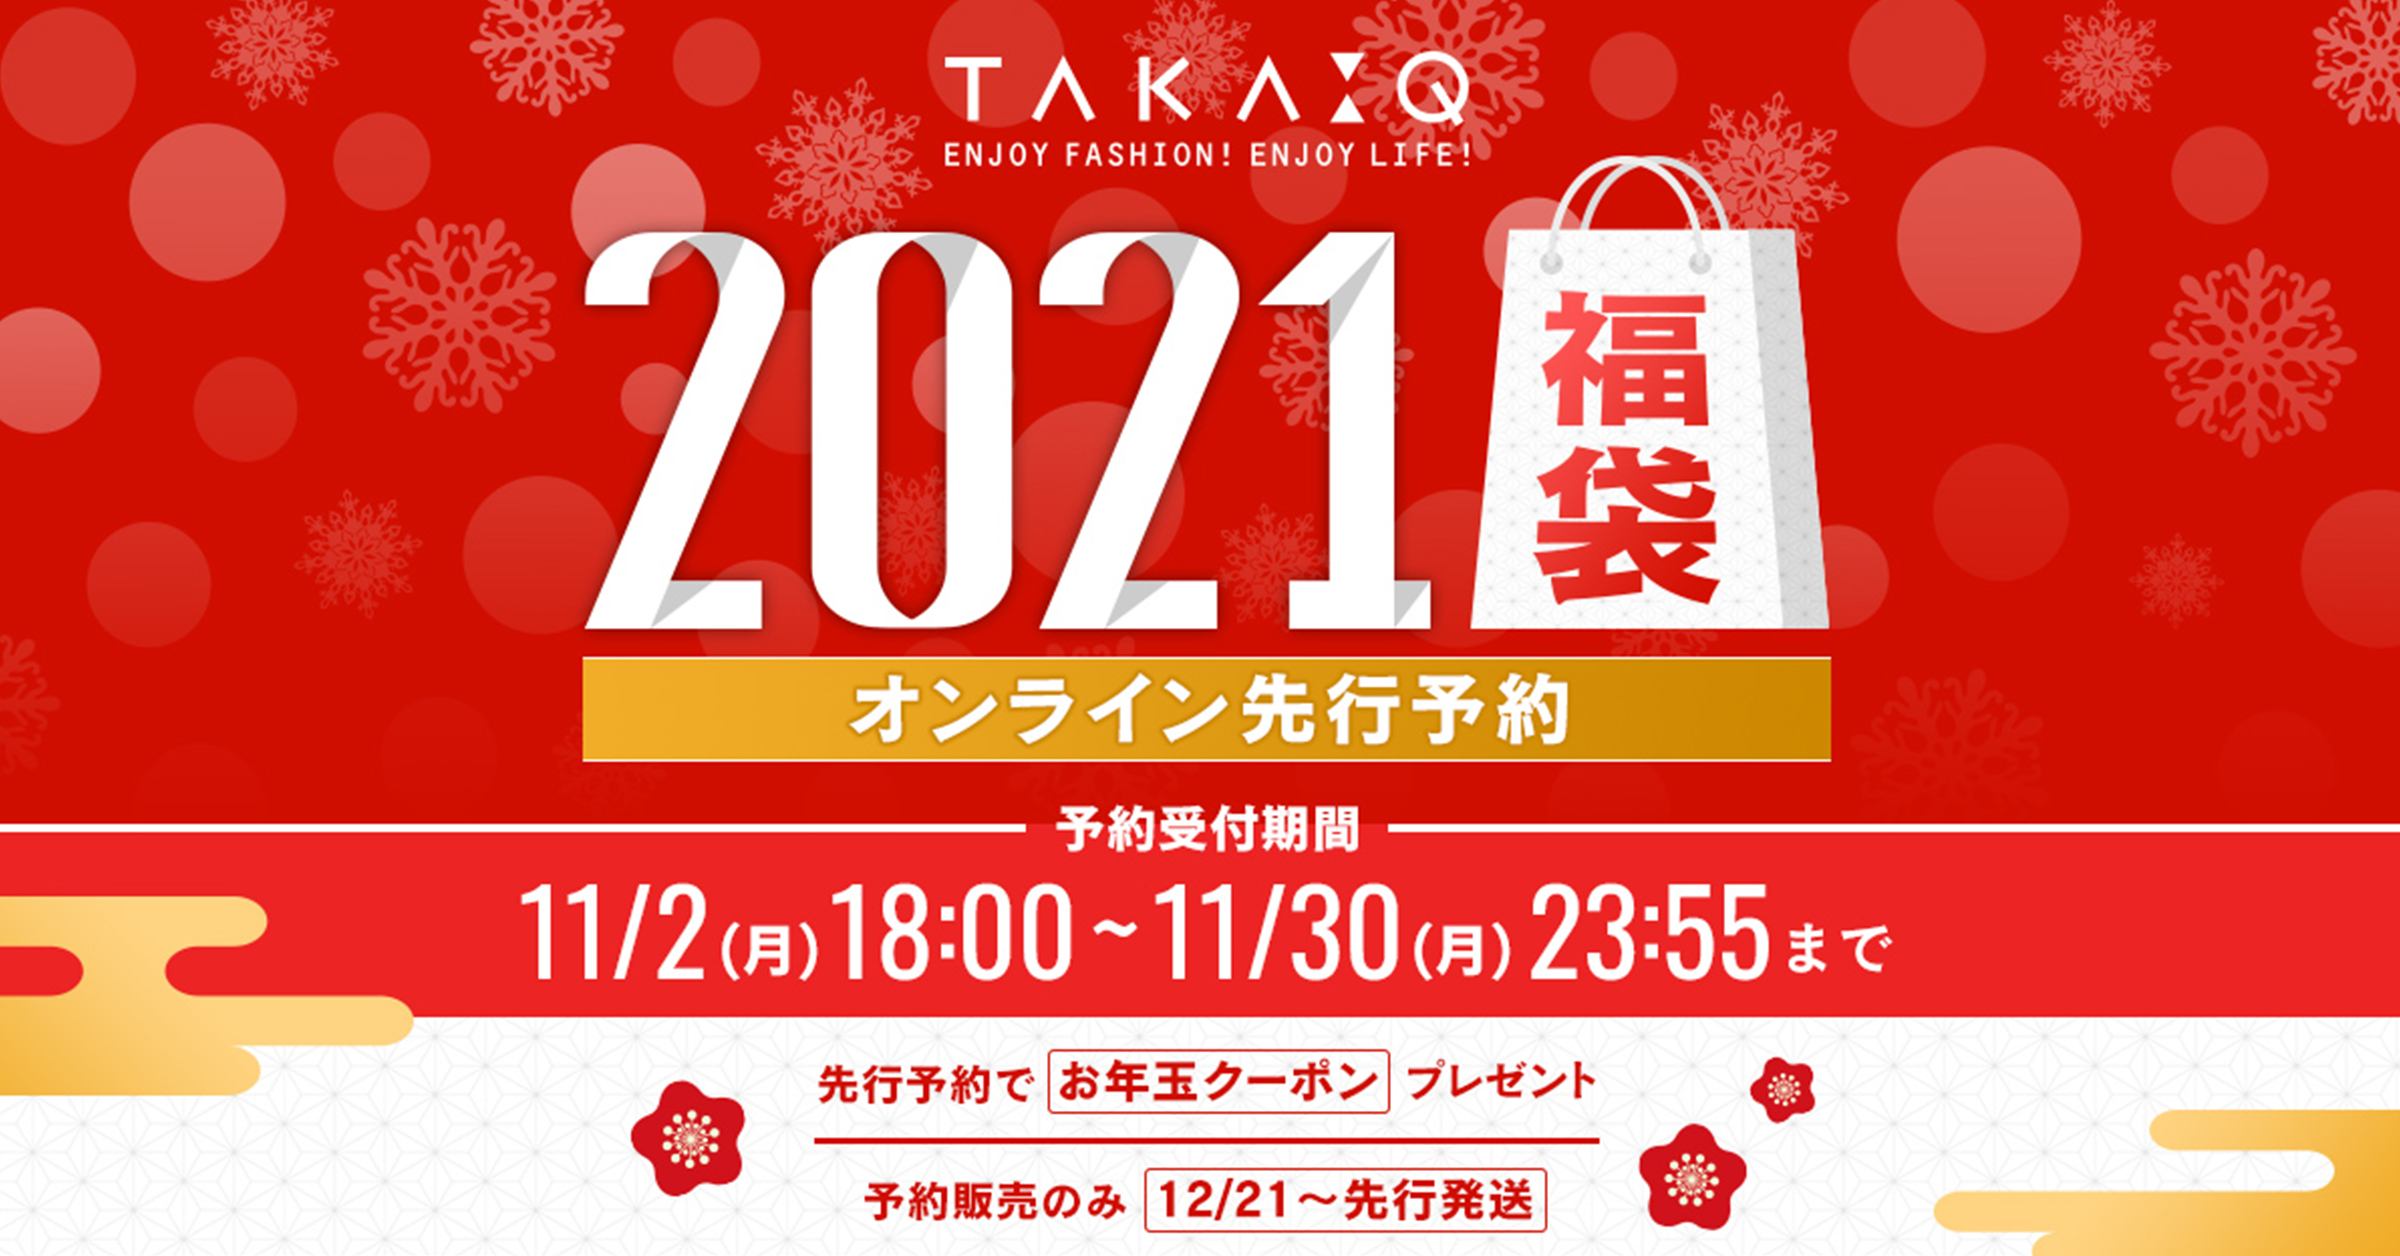 2021年福袋予約開始!先行予約でお年玉クーポンプレゼント!